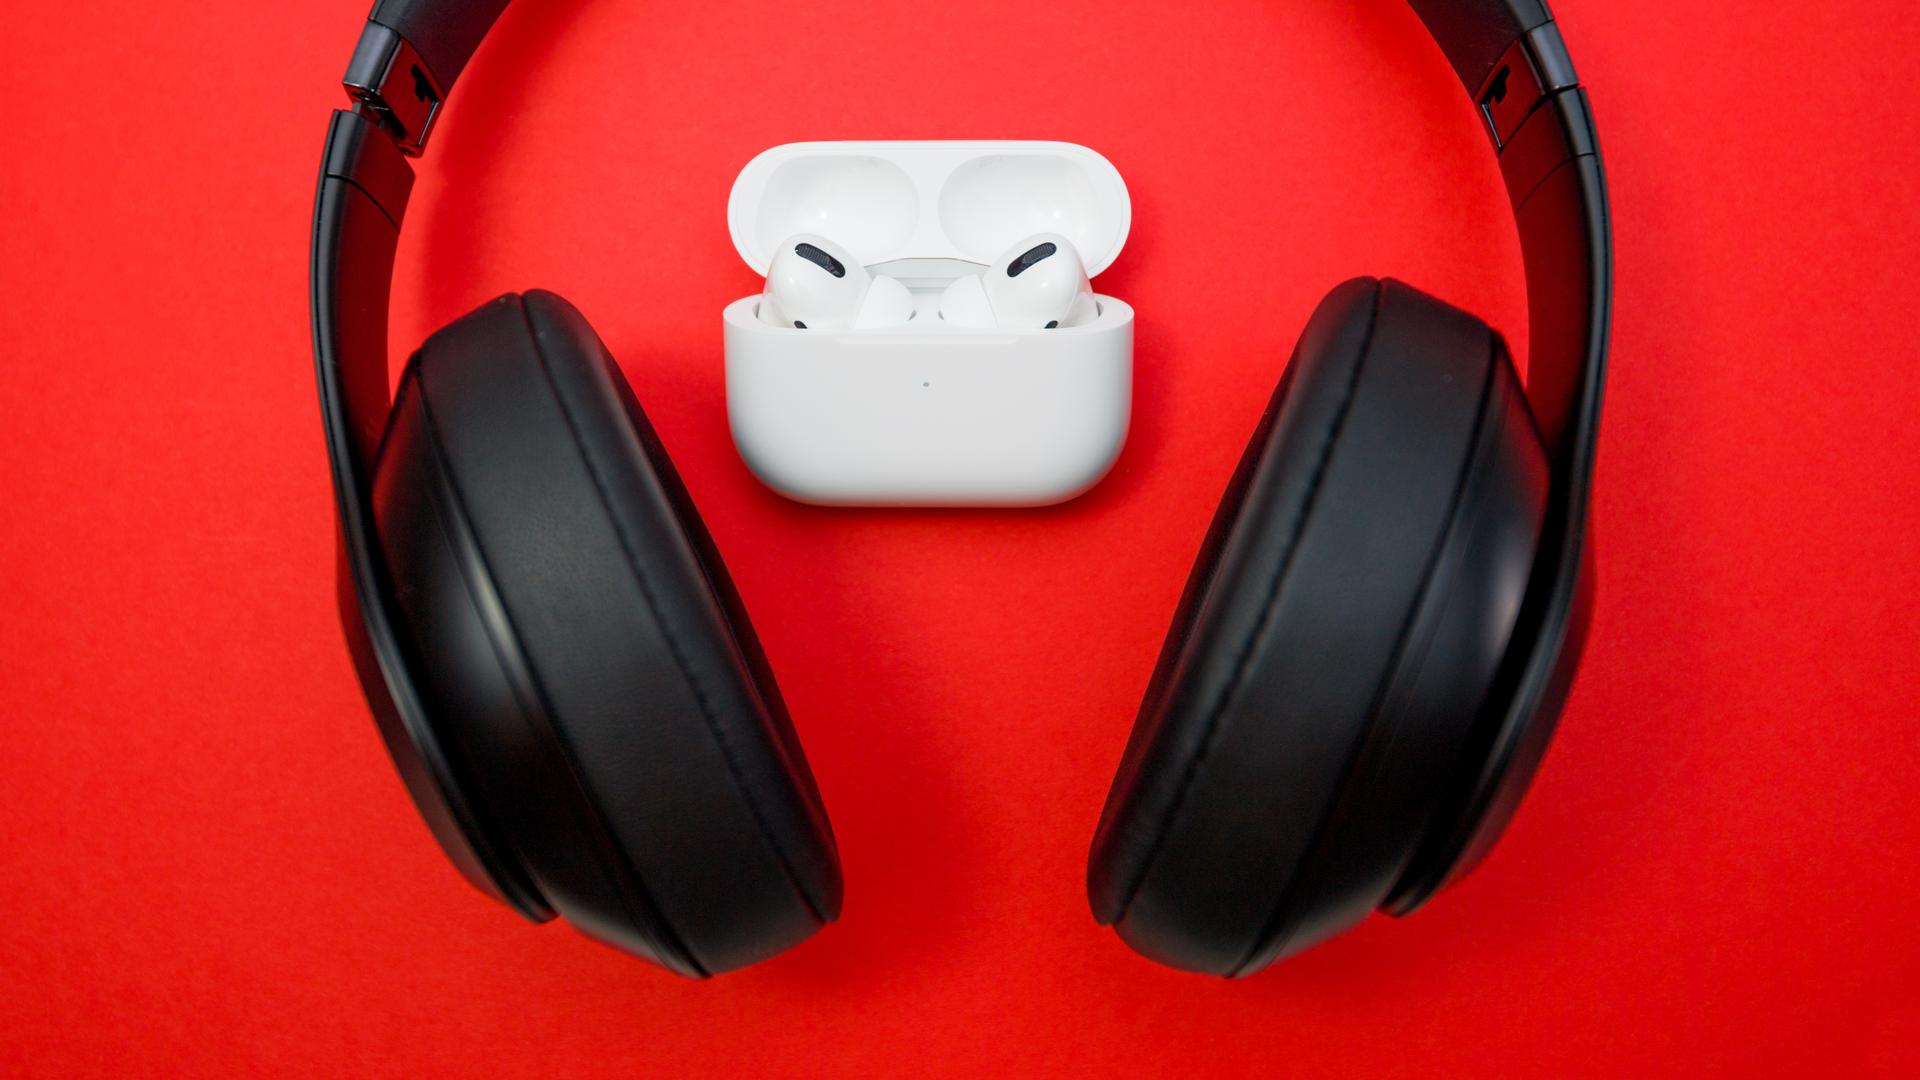 Fone de ouvido com cancelamento de ruído: os 8 melhores modelos em 2020